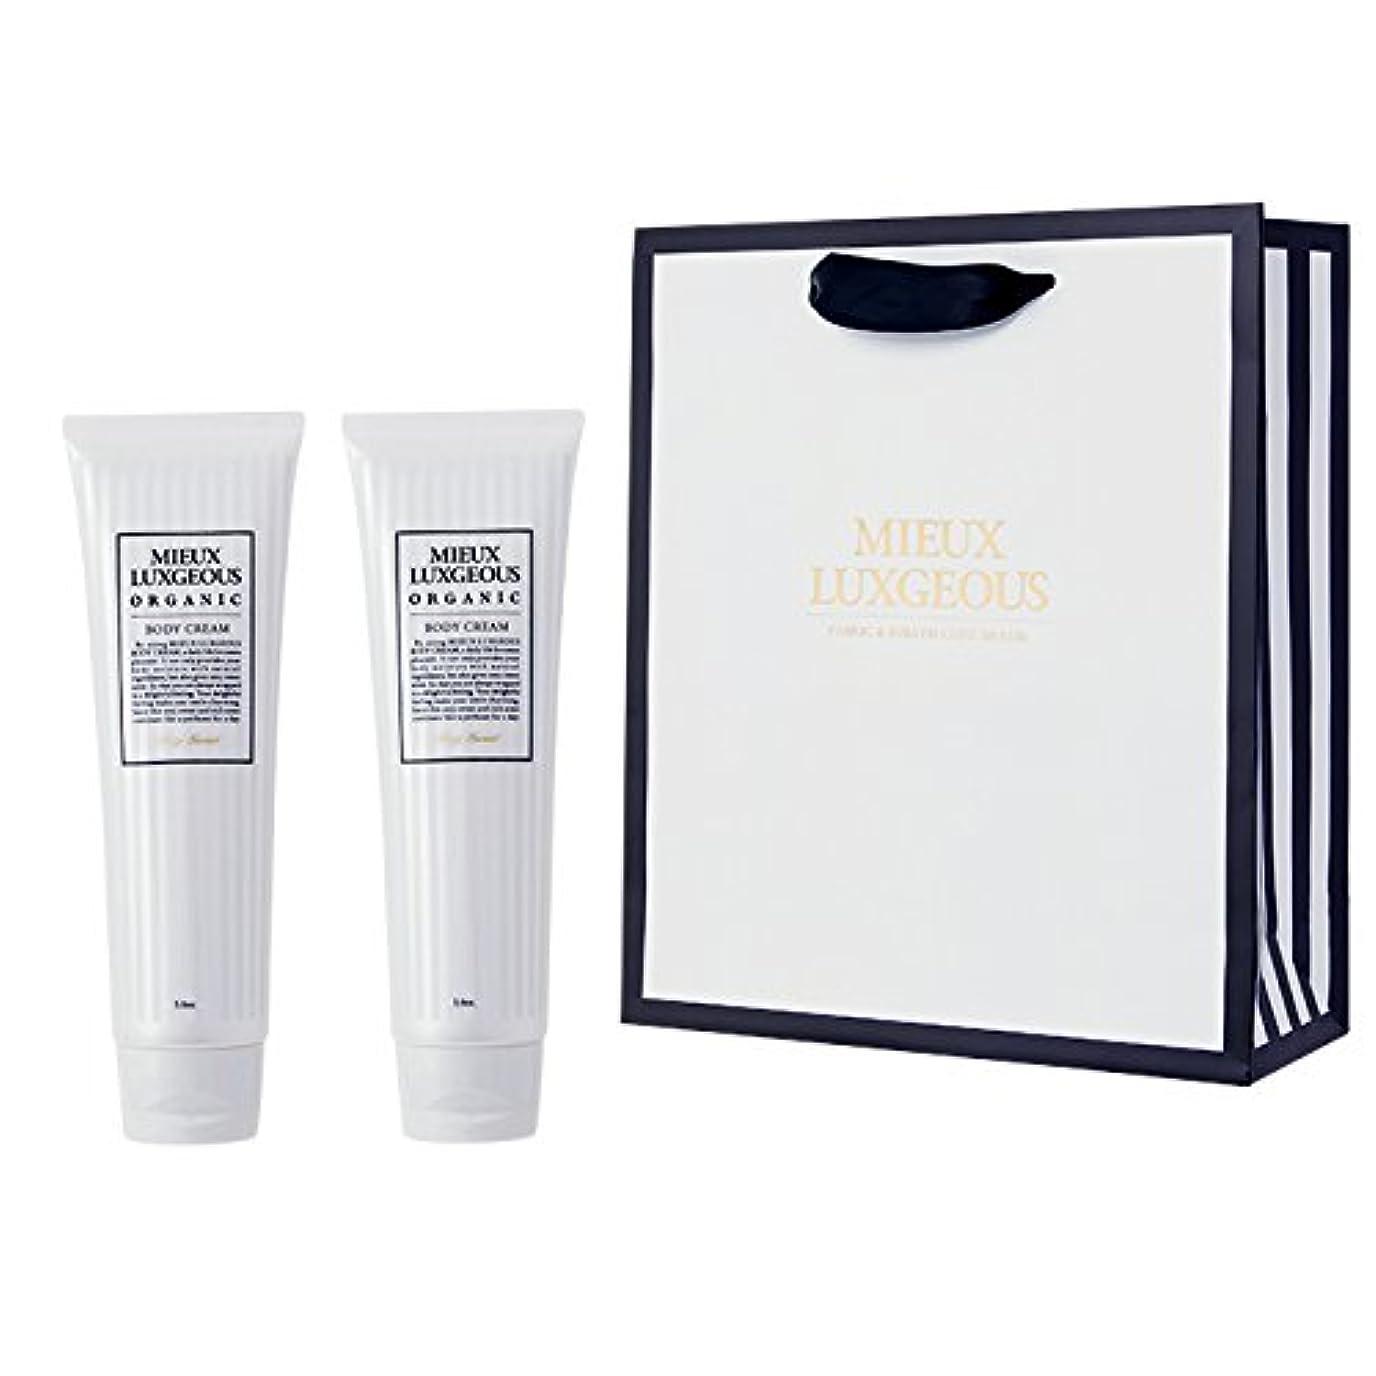 光沢リフトスコットランド人ミューラグジャス Body Cream 2本set with Paperbag02